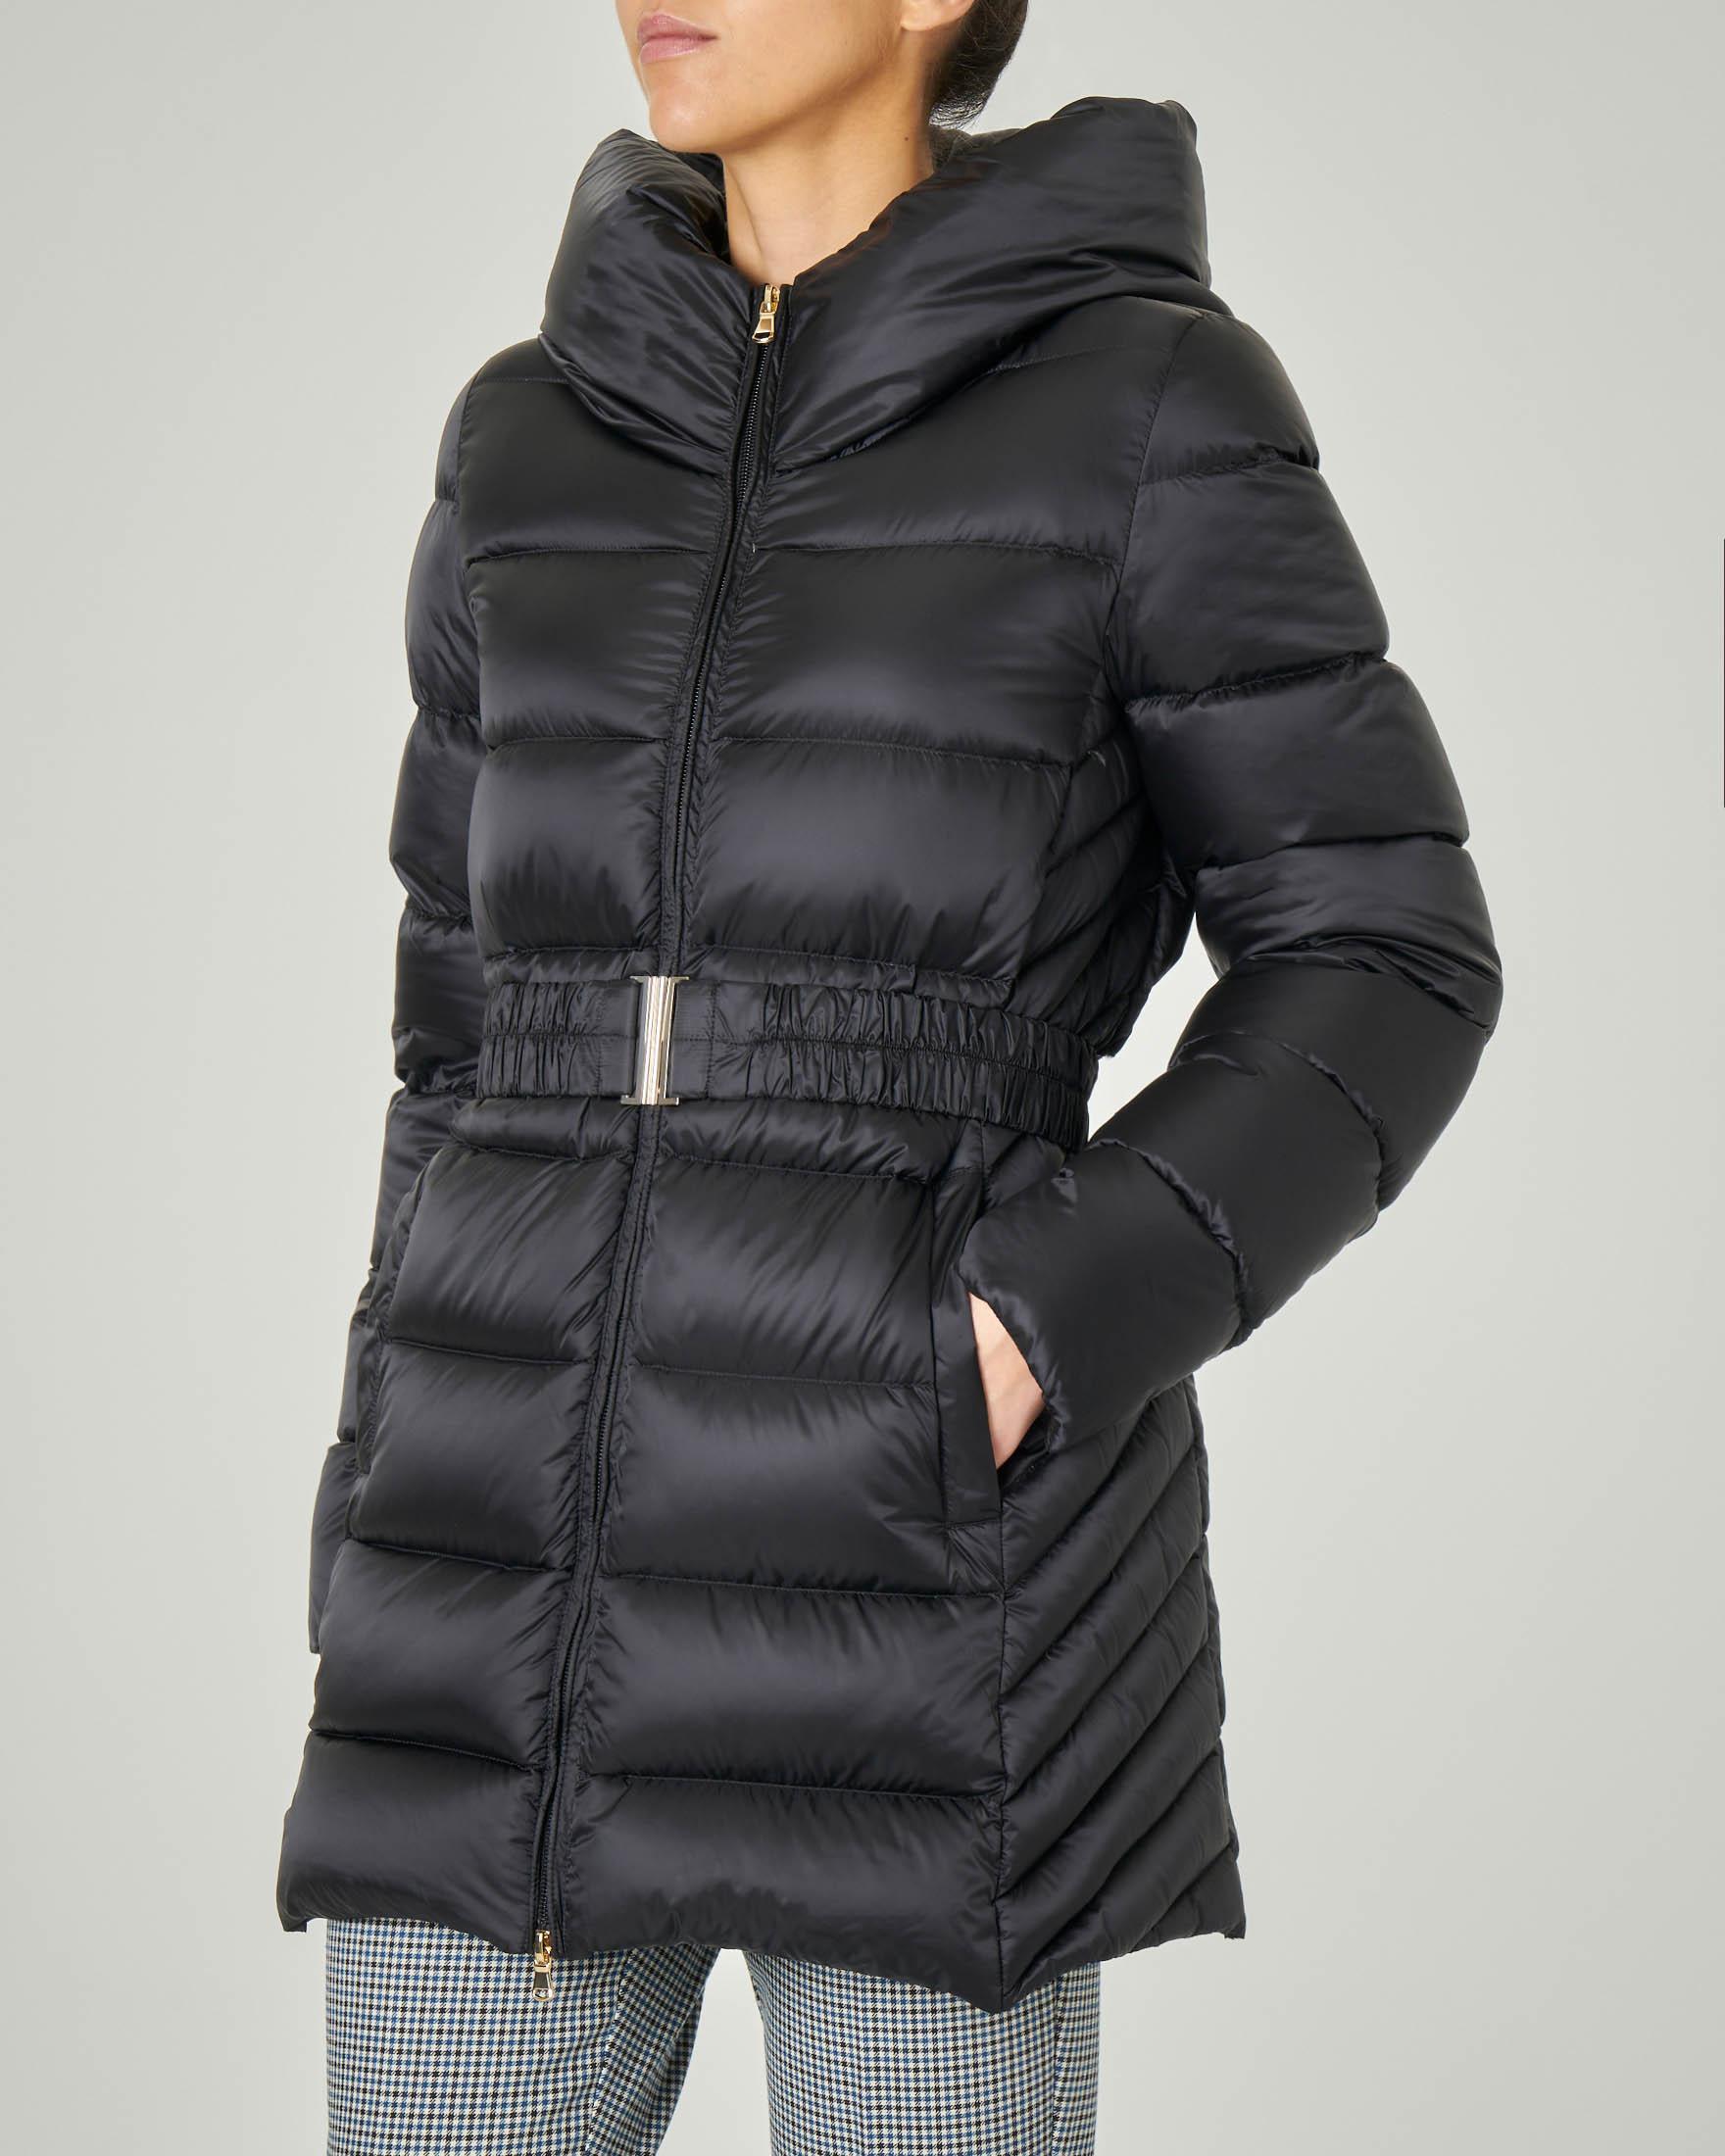 Piumino nero con cappuccio fisso e cintura elastica arricciata in vita